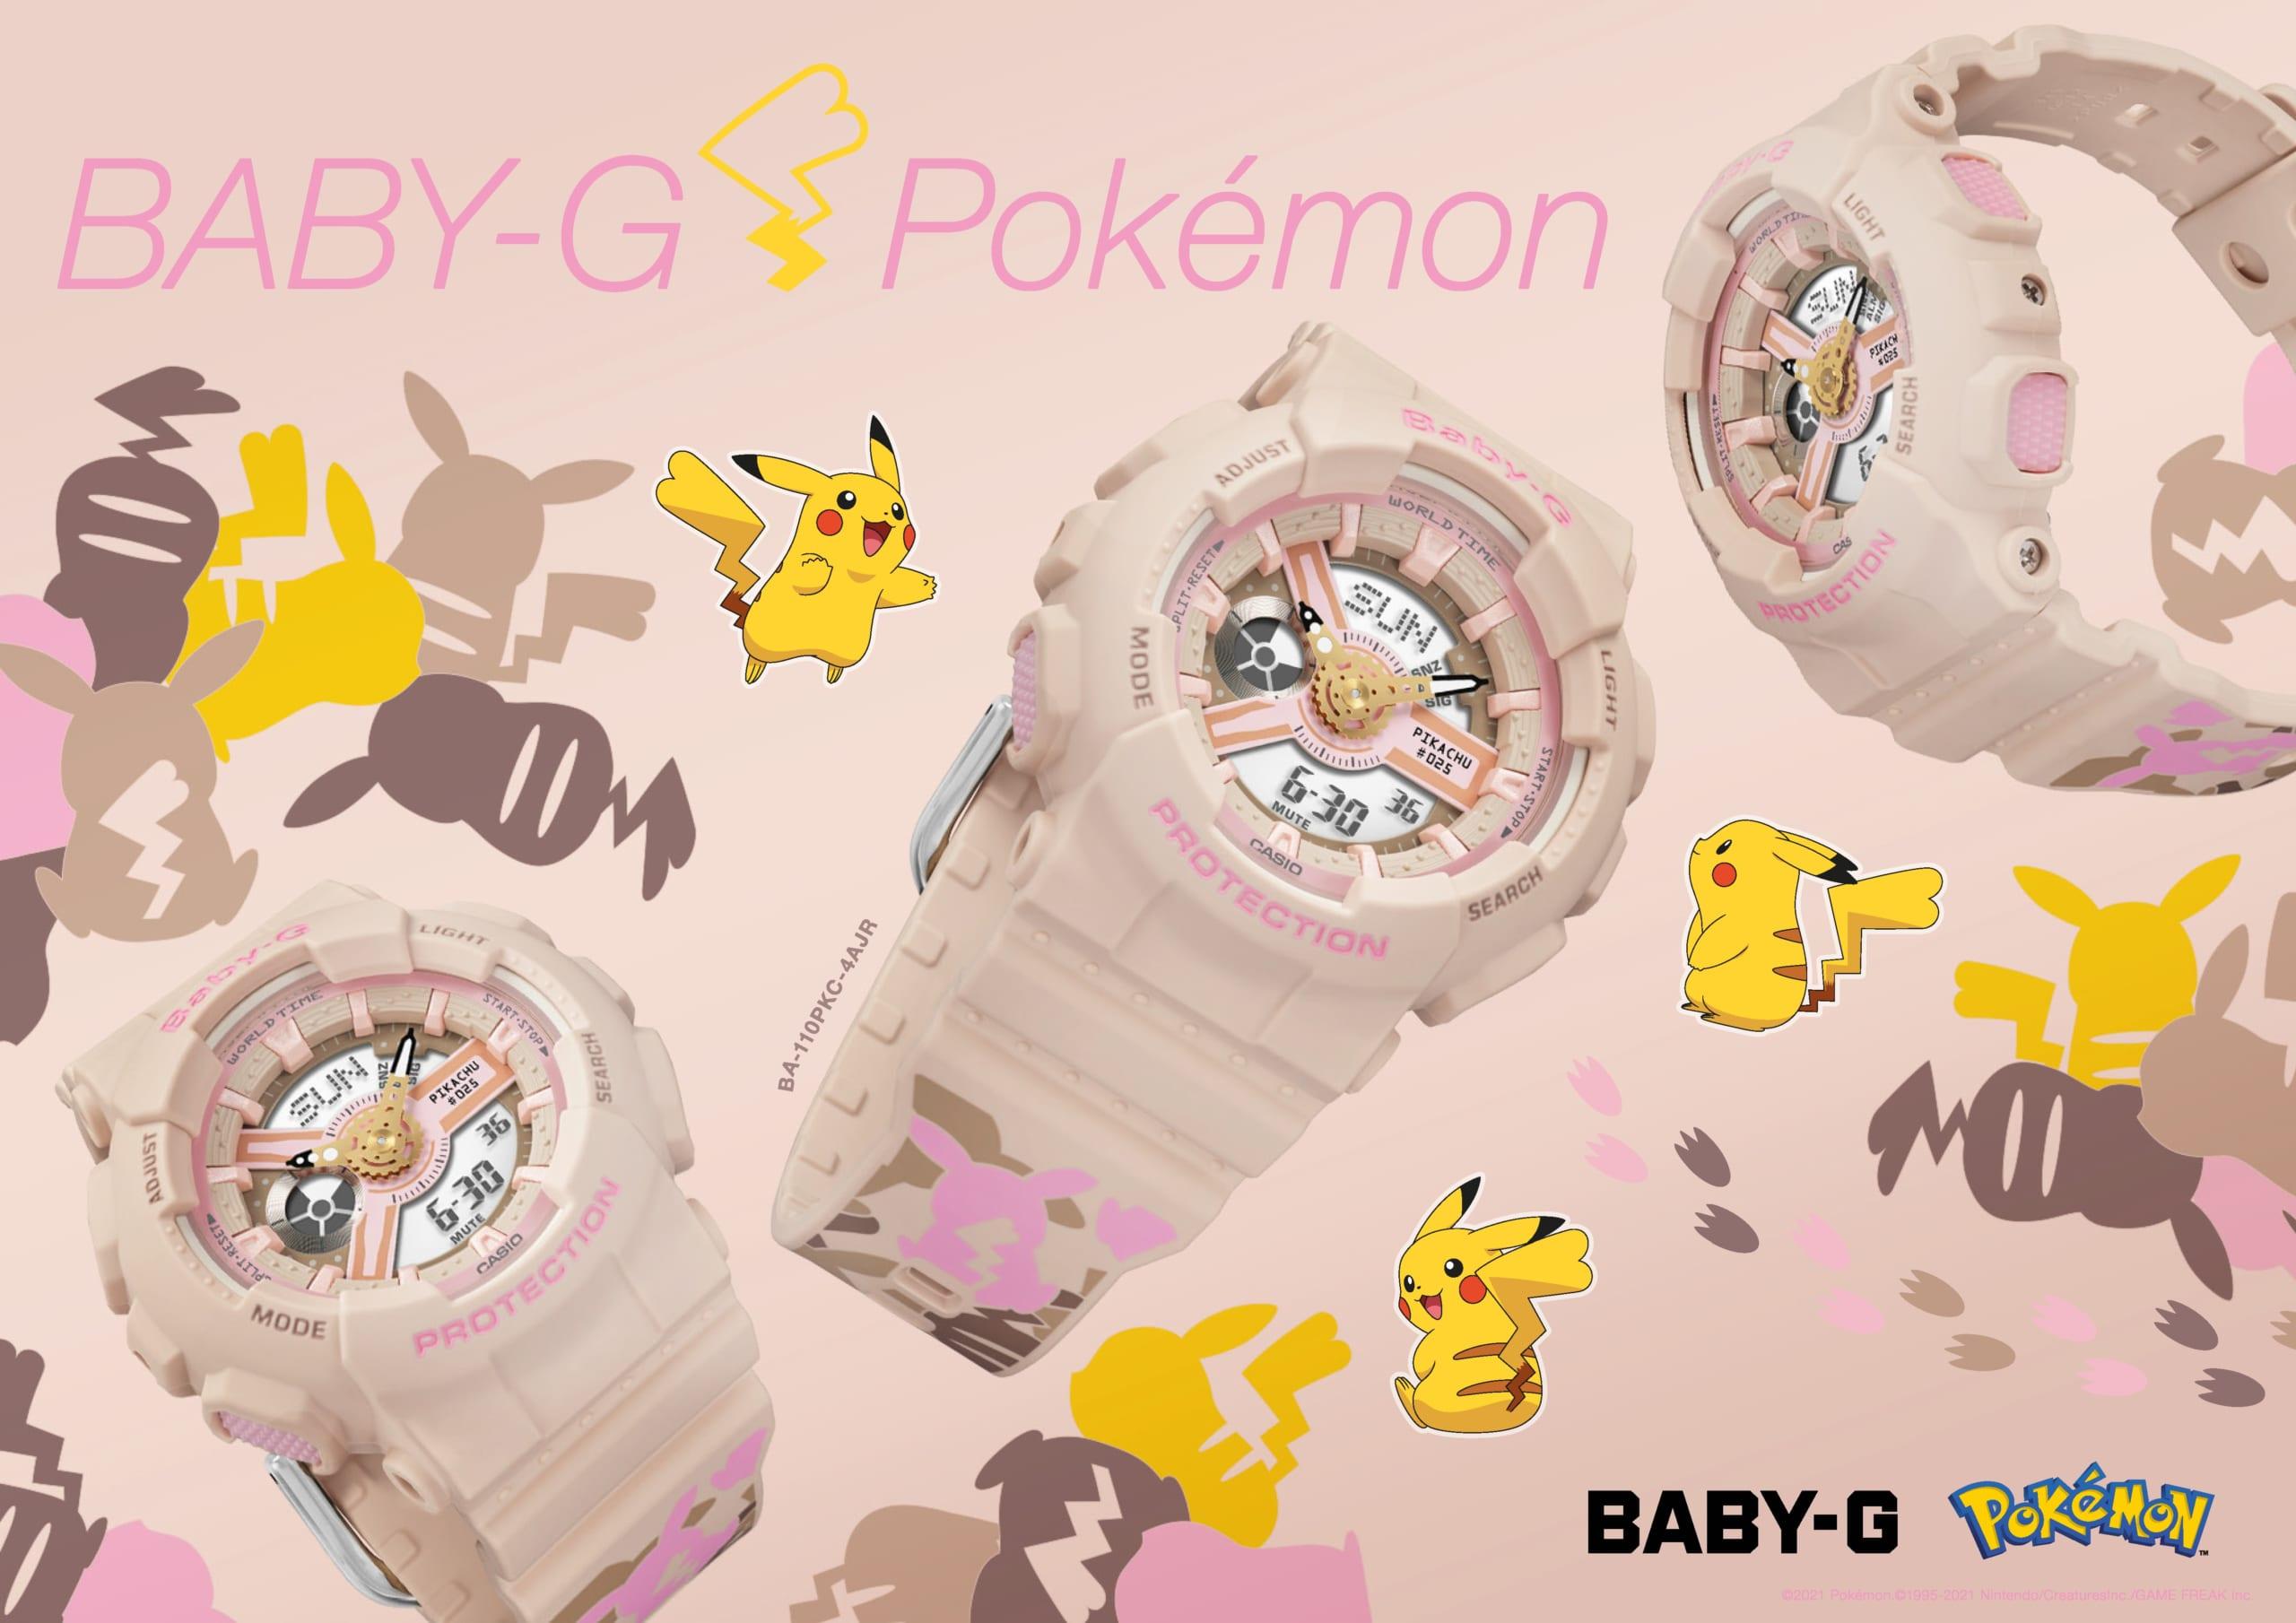 「ポケモン」×「BABY-G」ピカチュウモデルのキュートな腕時計が登場